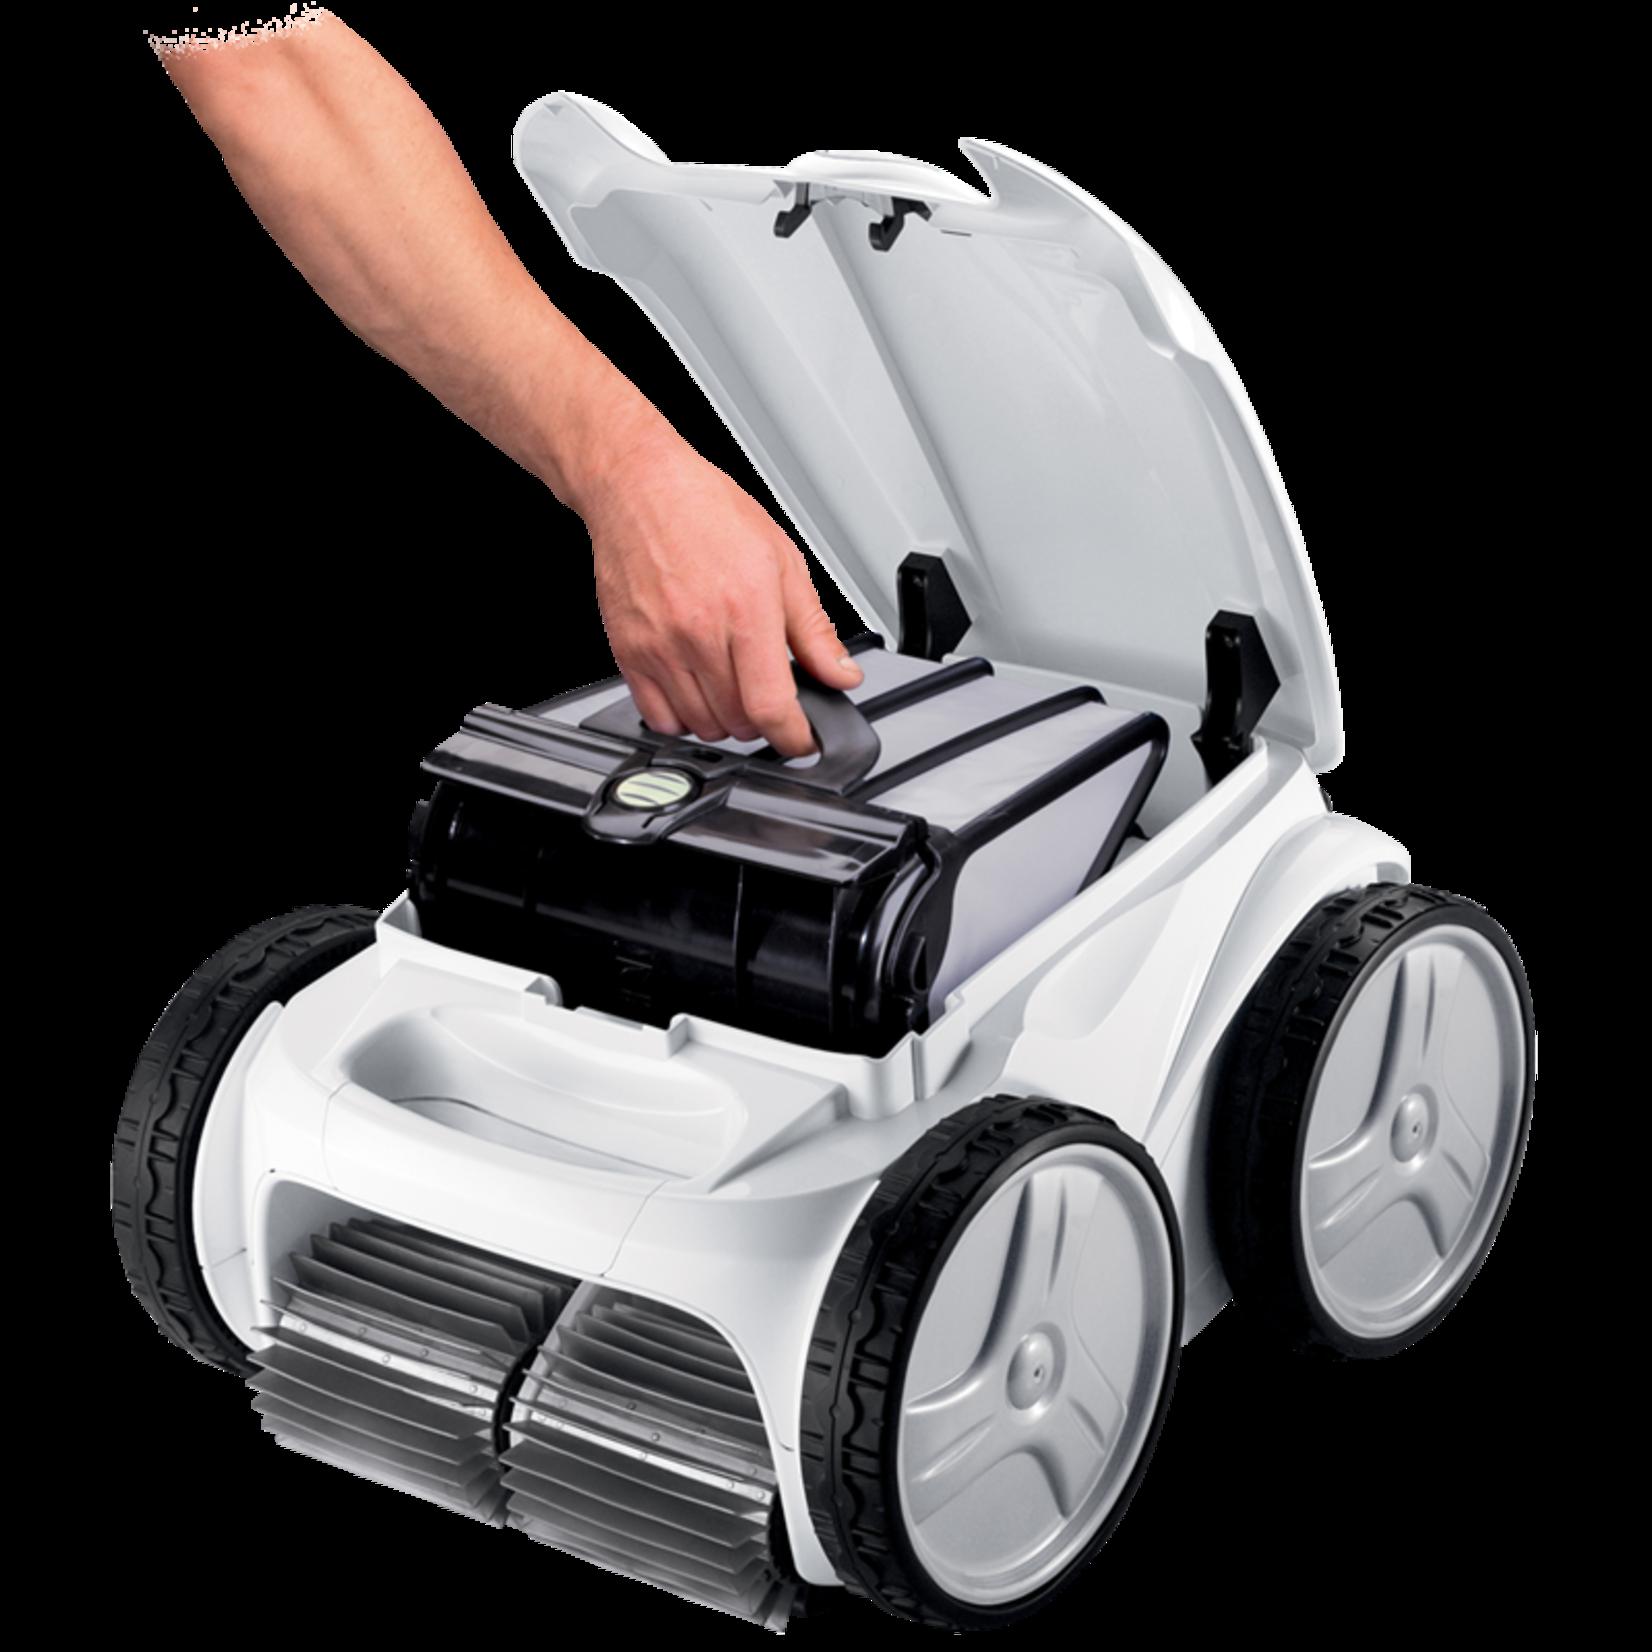 Polaris POLARIS ROBOTIC CLEANER 965 IQ